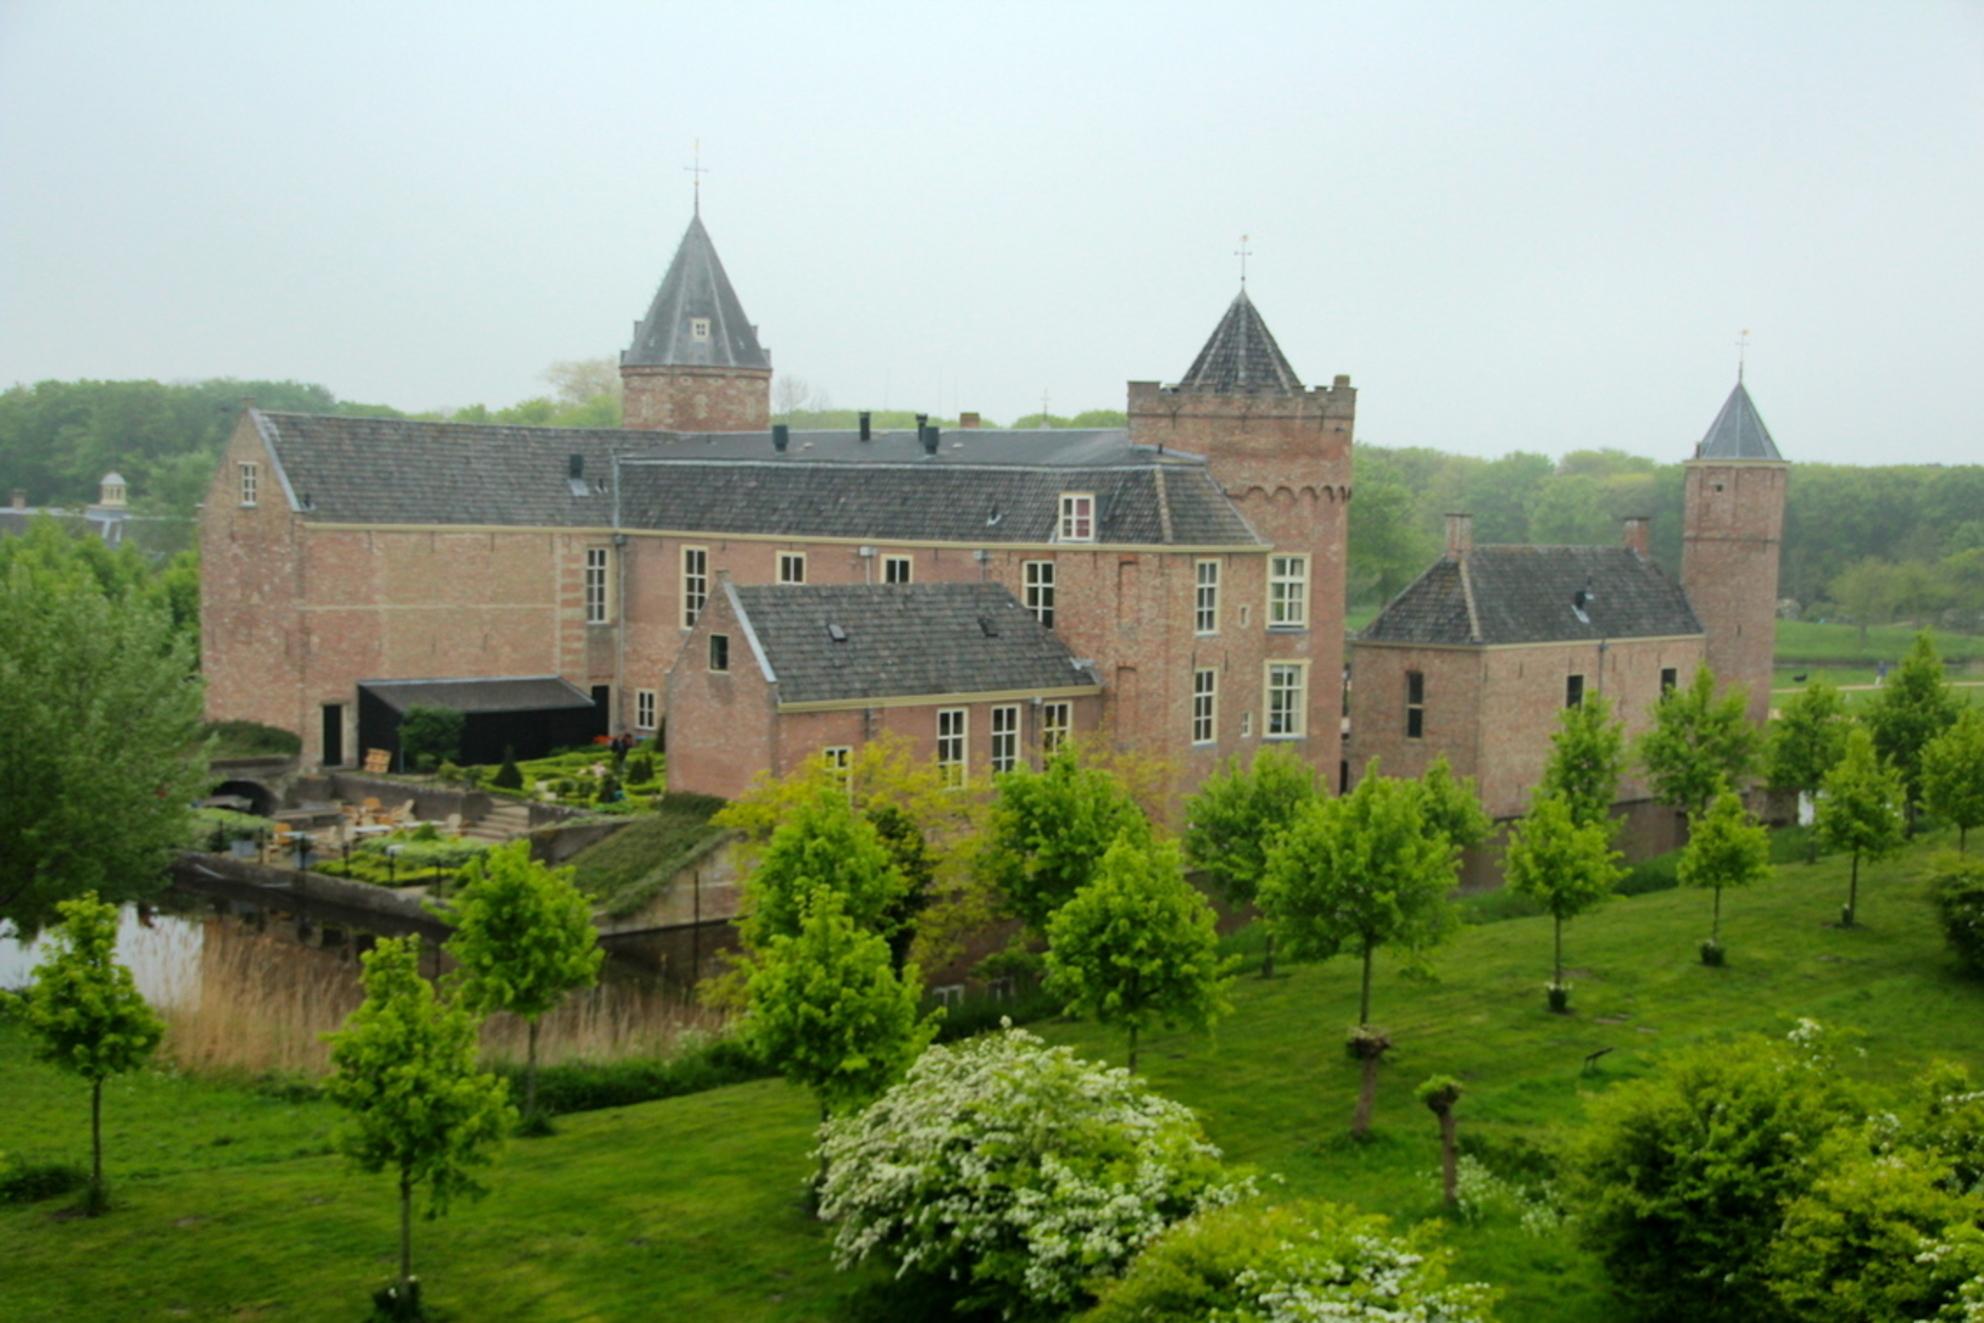 Terra Maris - - - foto door heidi-verhorik op 15-05-2014 - deze foto bevat: kasteel - Deze foto mag gebruikt worden in een Zoom.nl publicatie